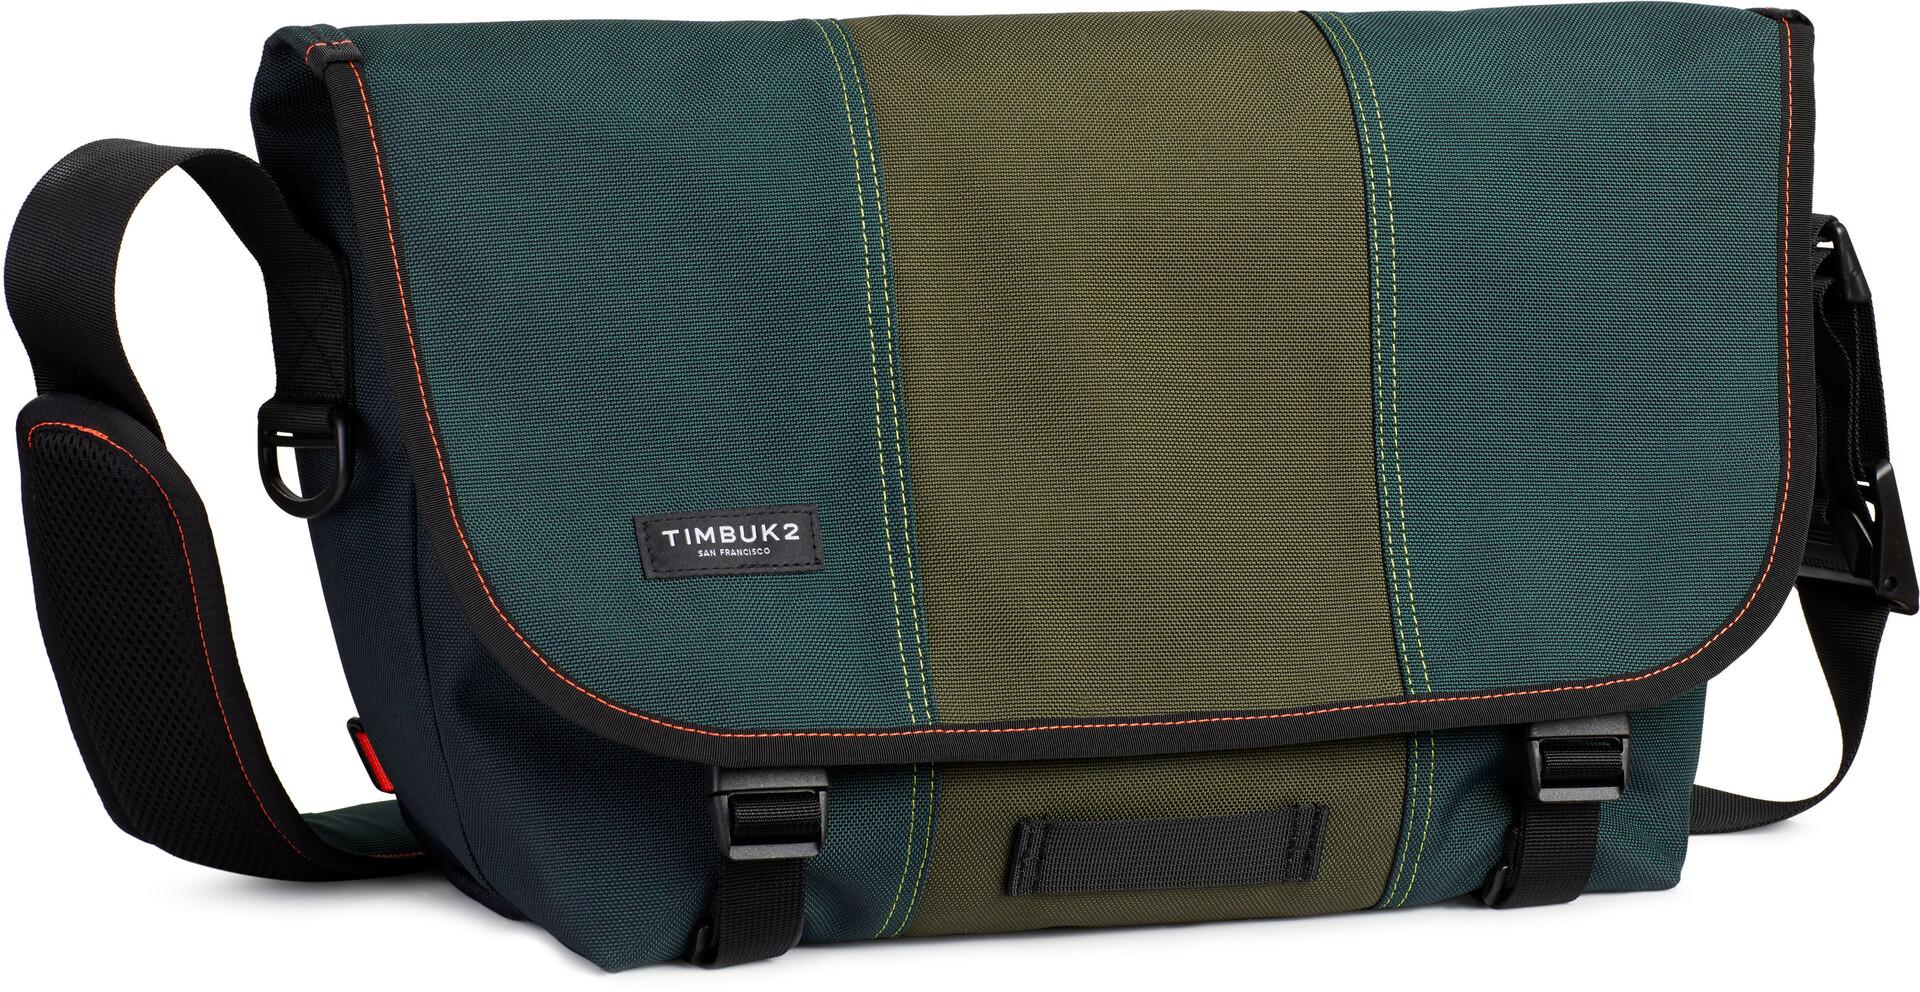 42e0e8f4aa Timbuk classic messenger bag toxic jpg 3544x1832 Timbuk2 messenger bag